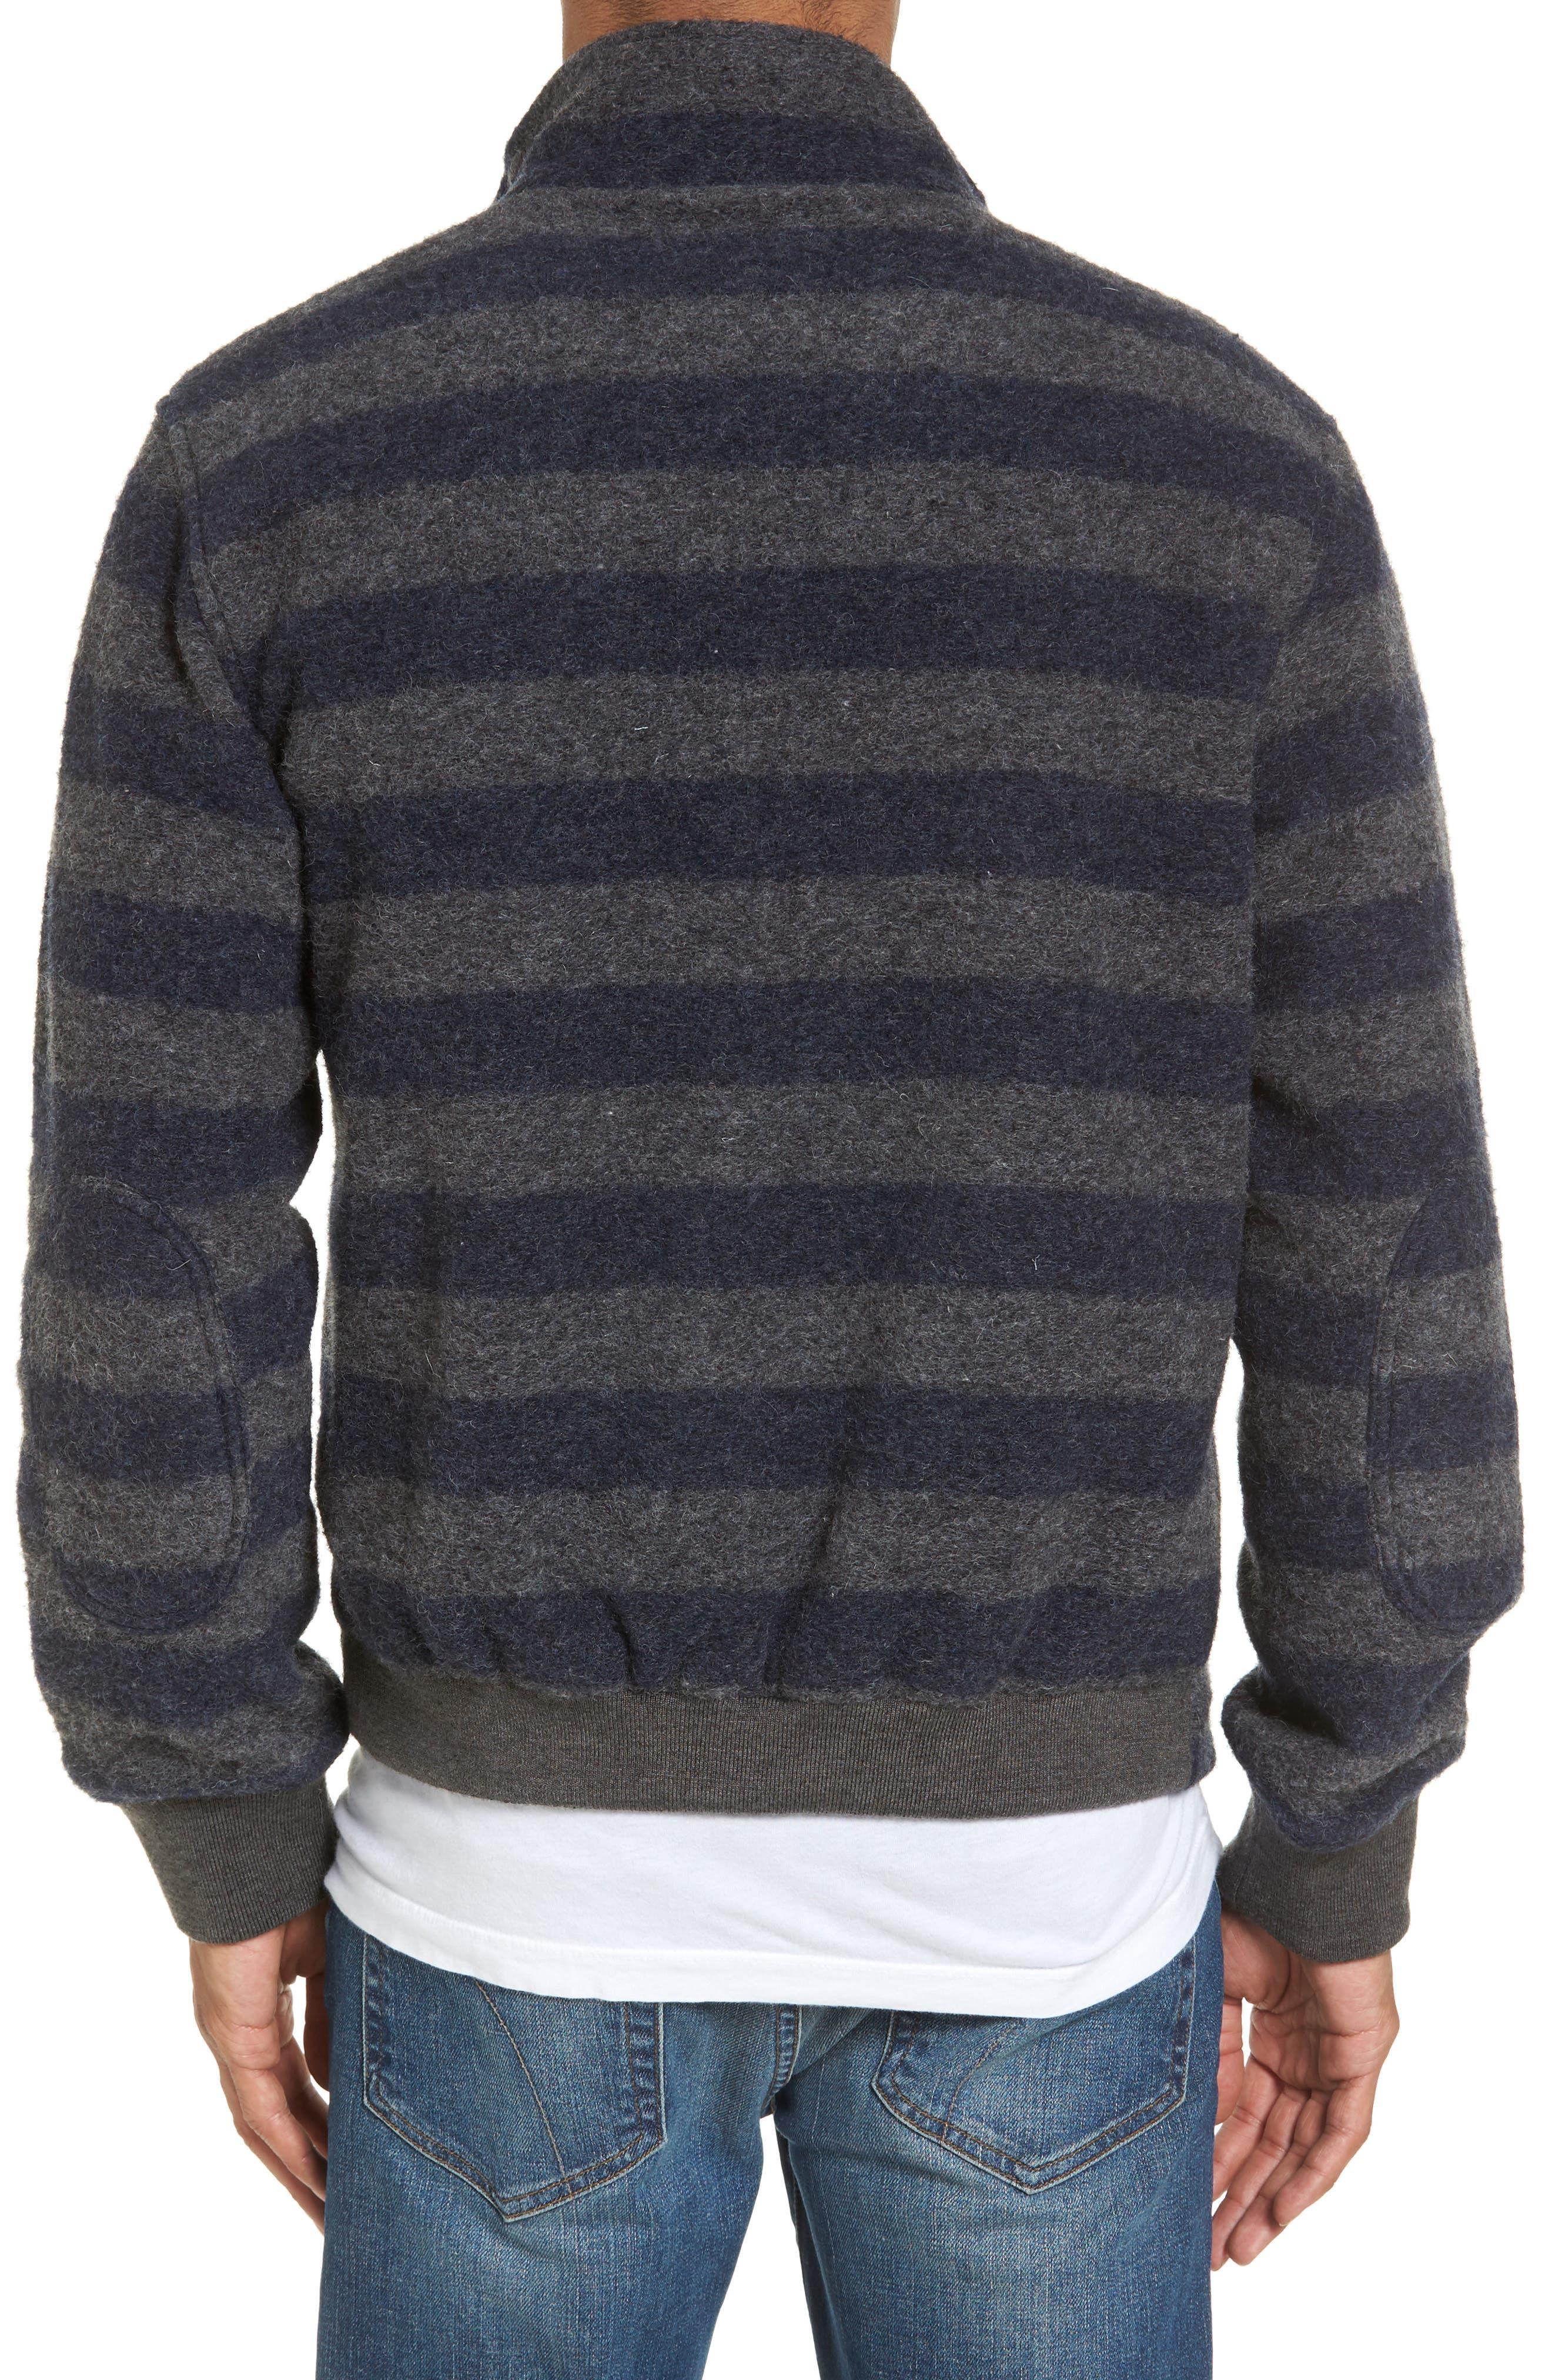 Bowen Stripe Zip Front Jacket,                             Alternate thumbnail 2, color,                             089